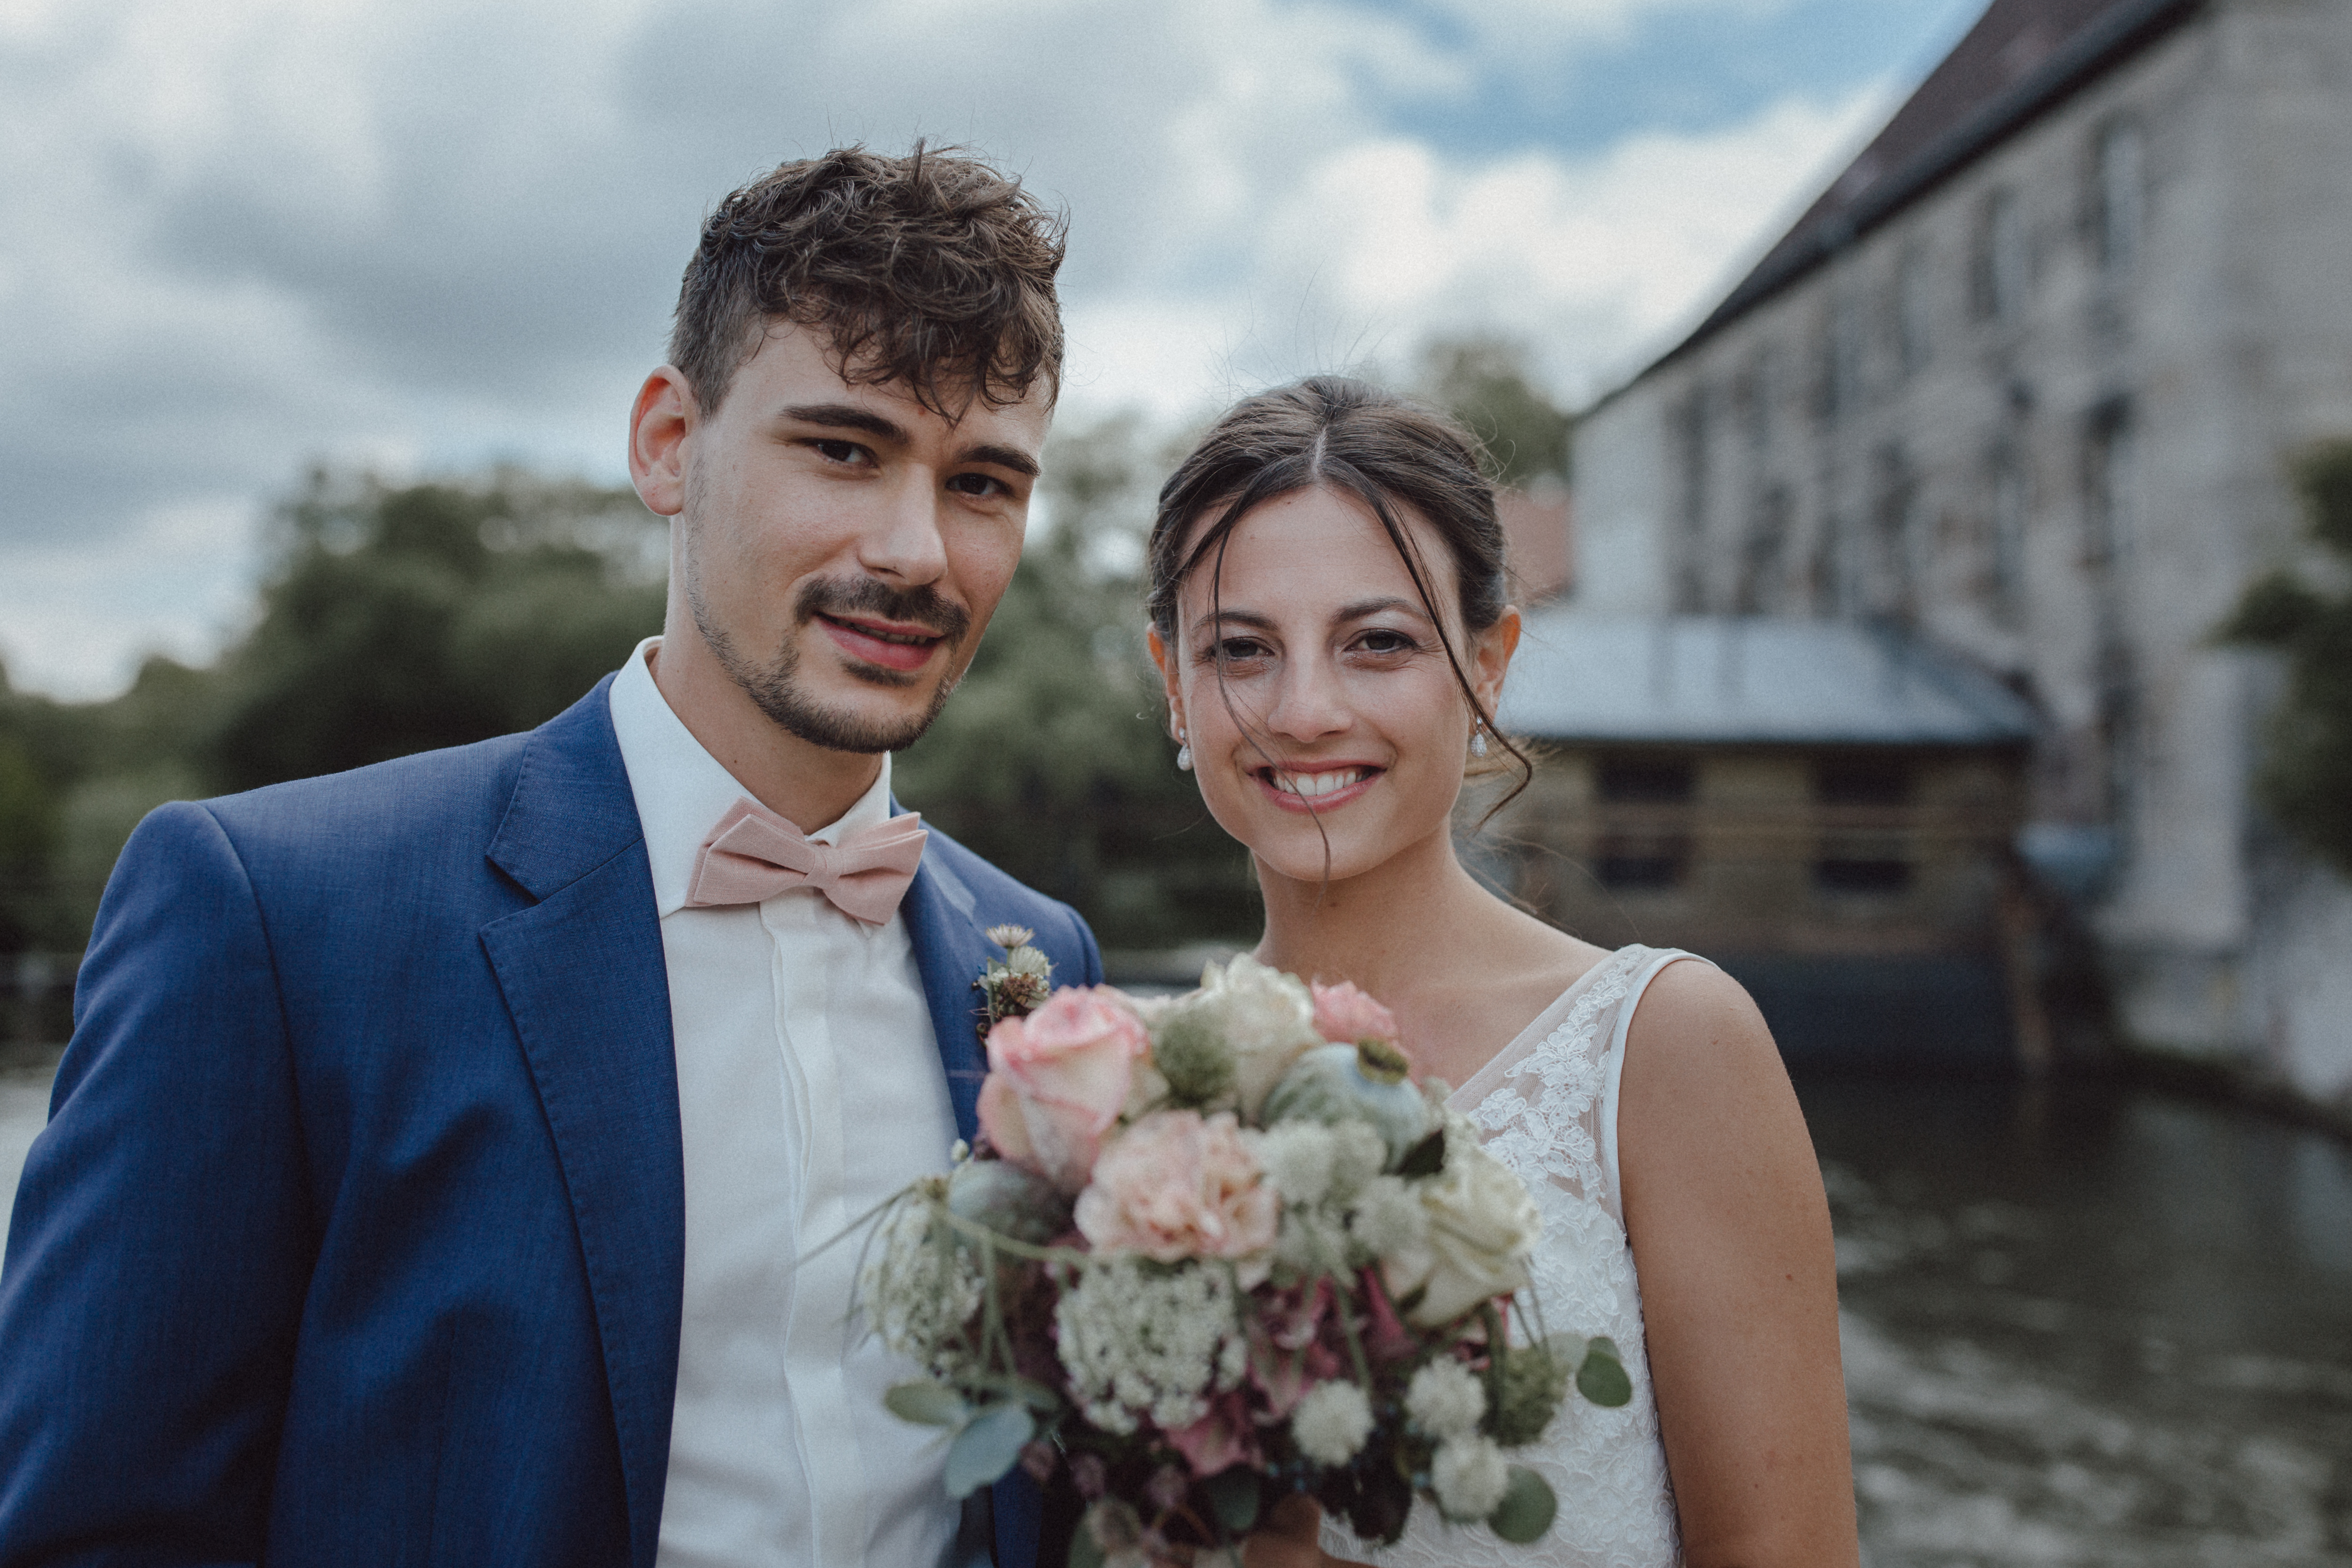 URBANERIE_Hochzeitsfotografin_Nürnberg_Fürth_Erlangen_Schwabach_170715_001_0018